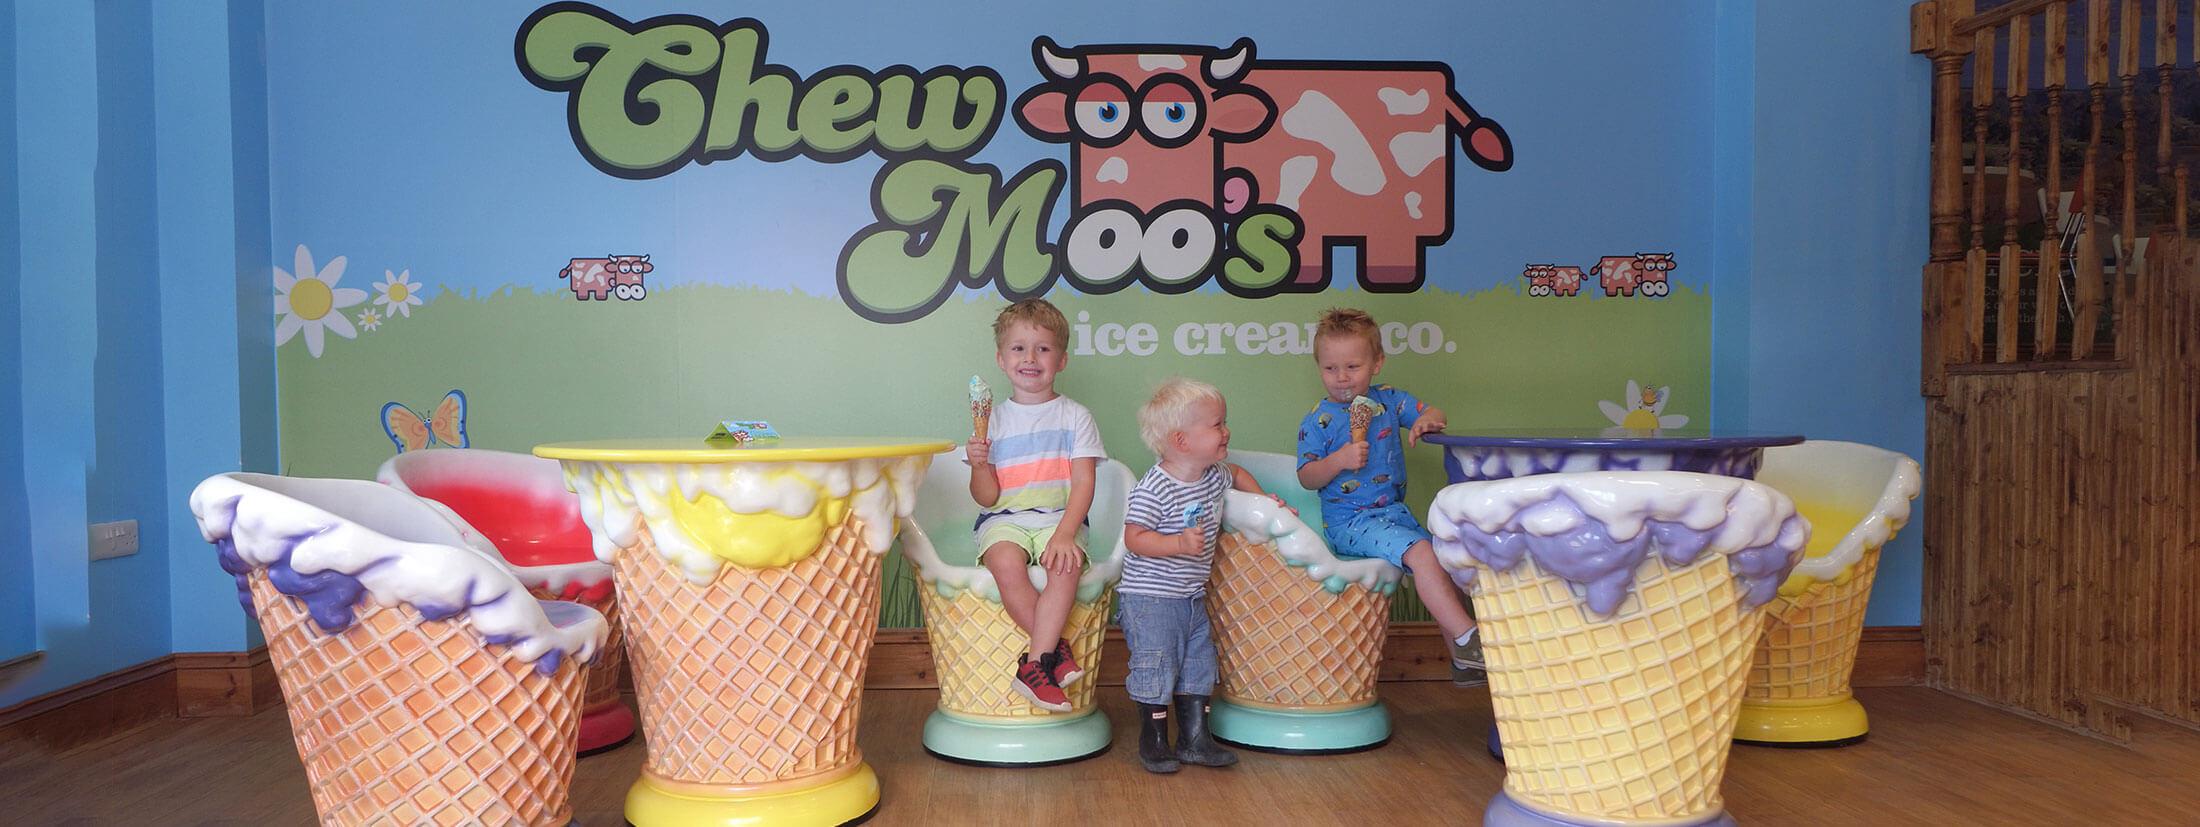 Choo Moos Ice Cream